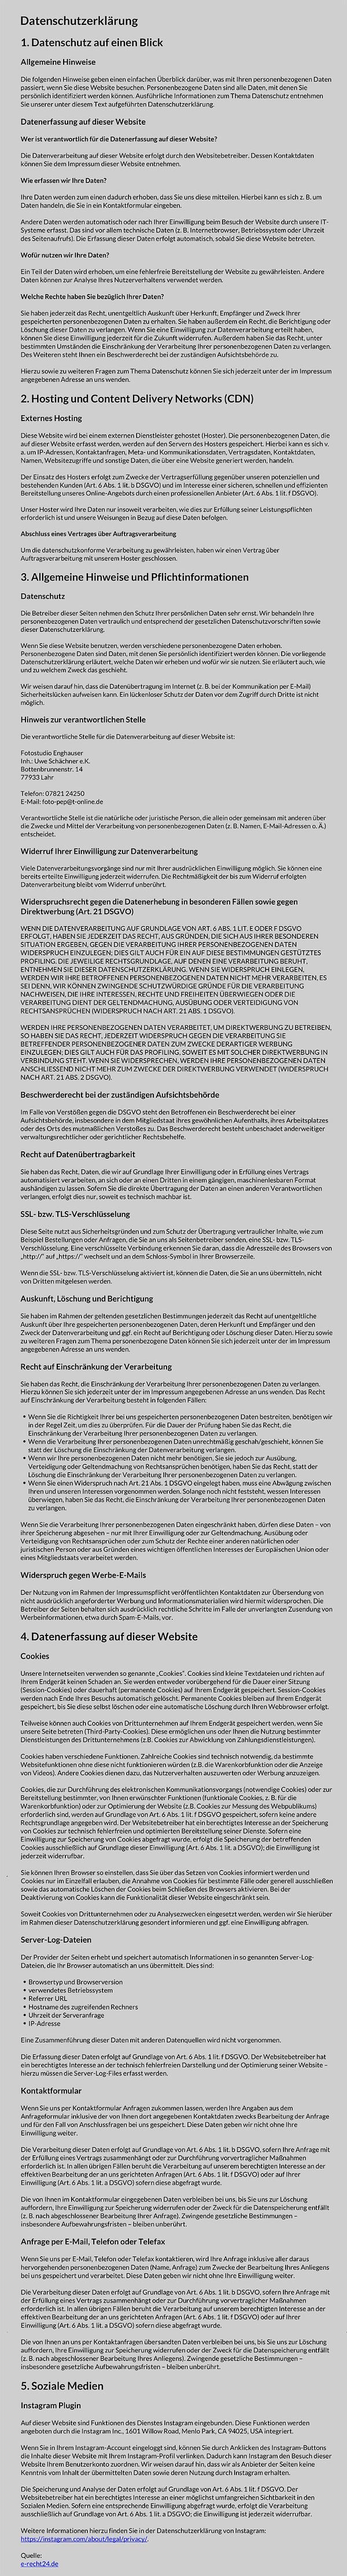 Datenschutzerklaerung_edited.jpg